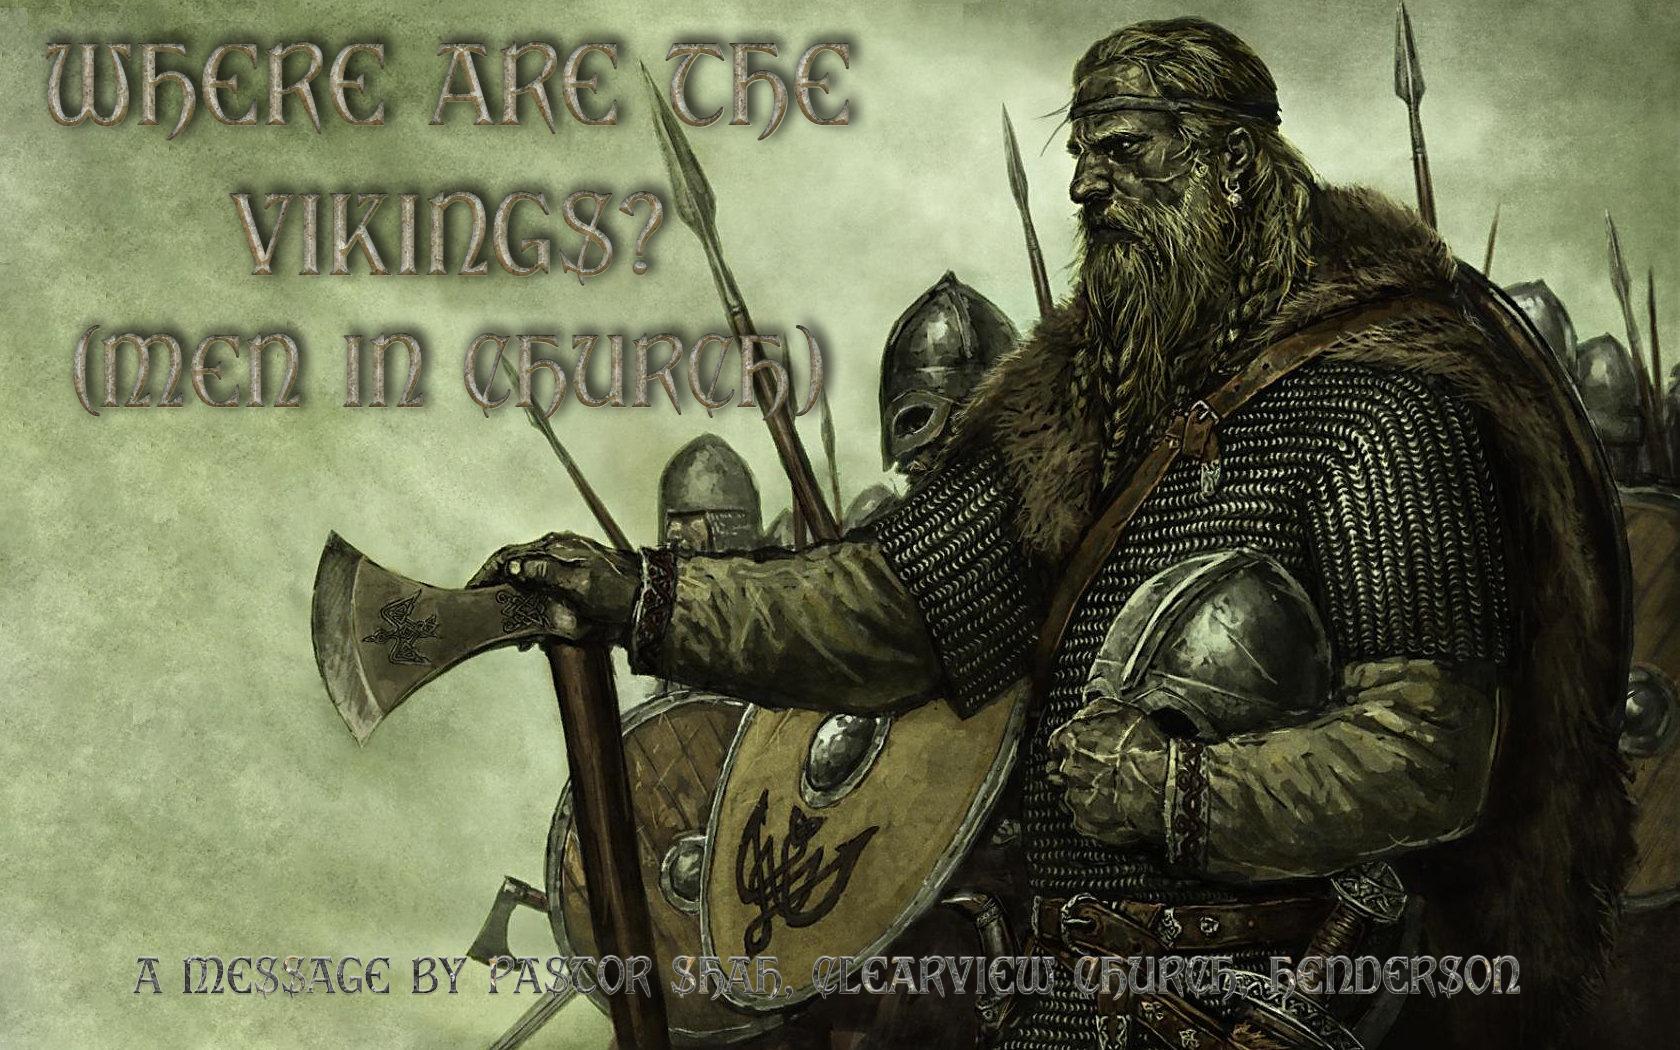 Where are the Vikings? (Men in Church) Abidan Paul Shah